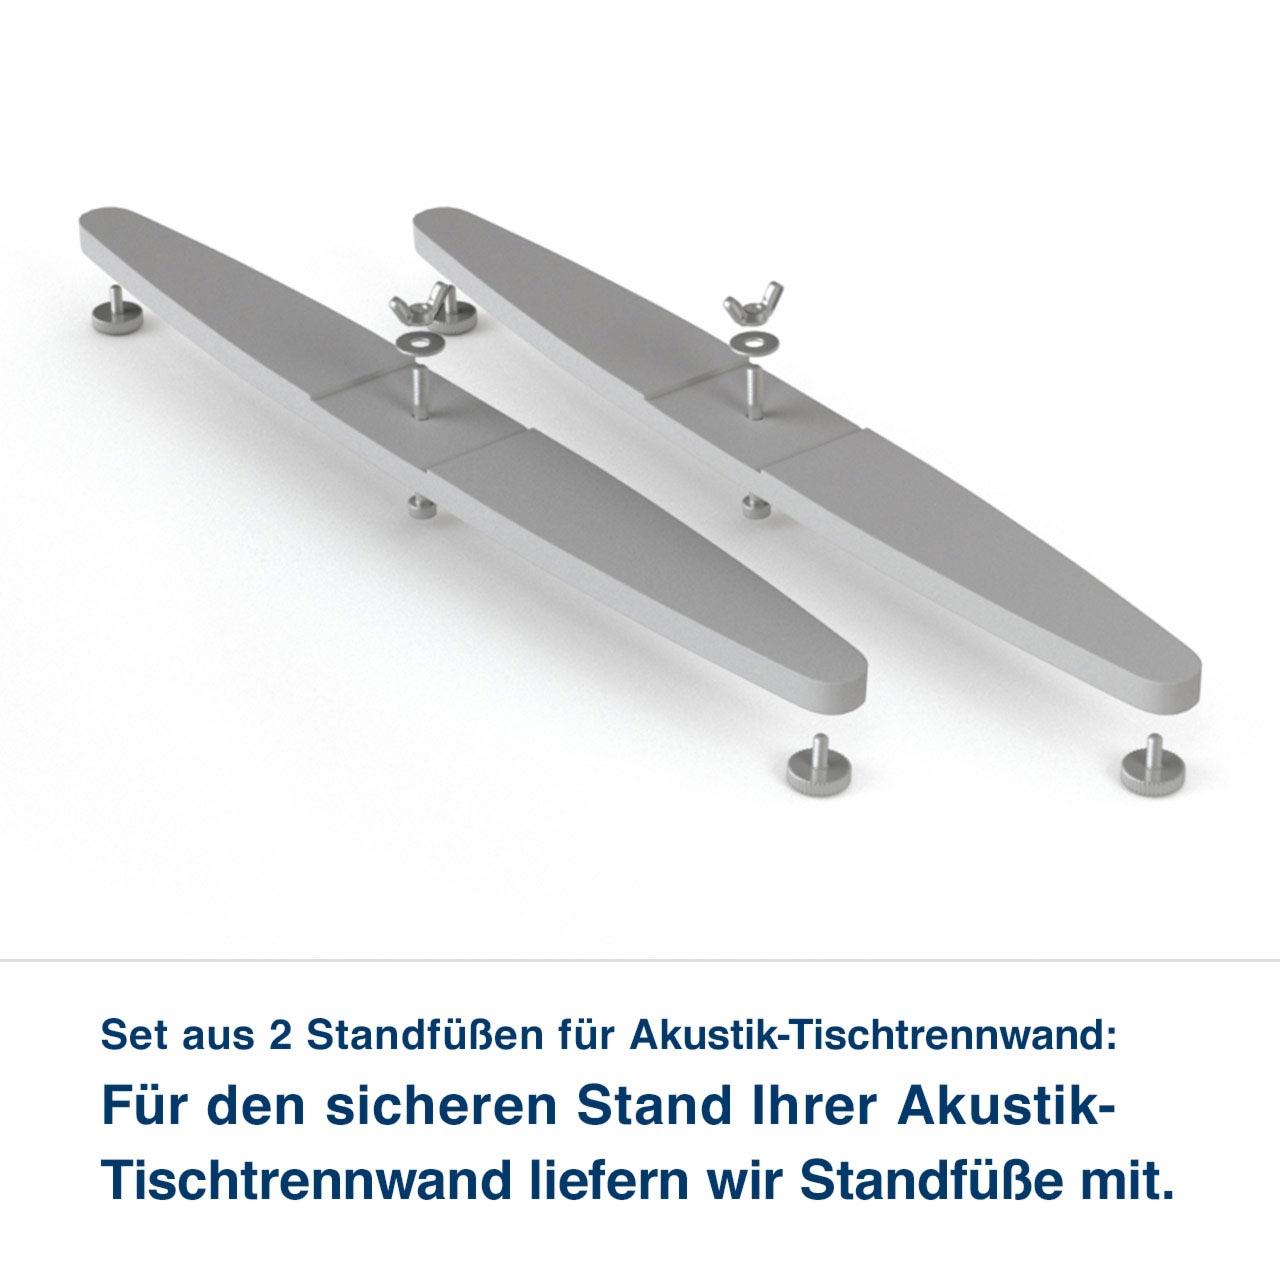 Set aus 2 Standfüßen für Akustik-Tischtrennwand:   Für den sicheren Stand Ihrer Akustik- Tischtrennwand liefern wir Standfüße mit. für